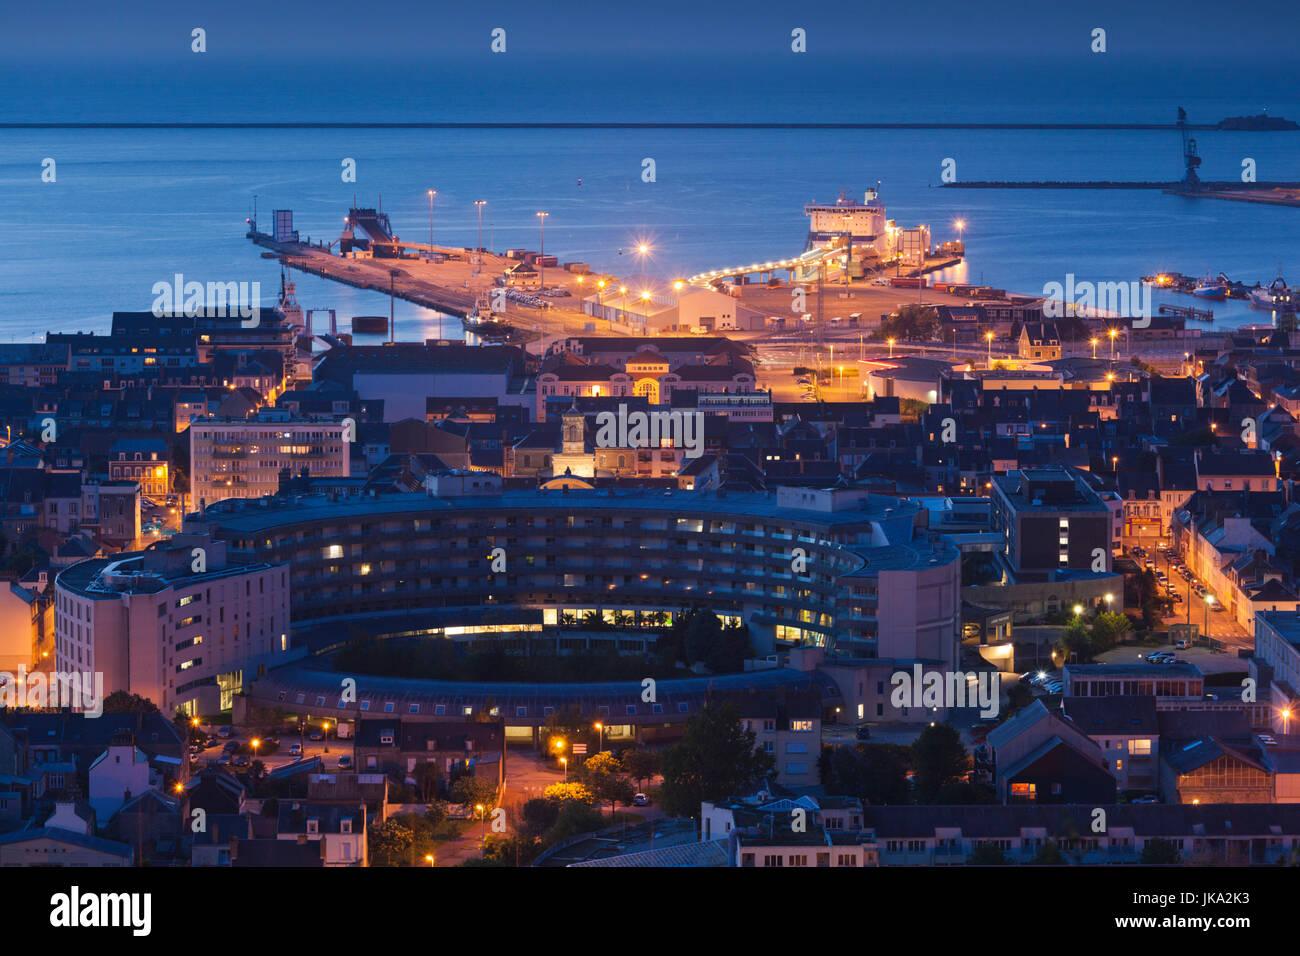 Cherbourg region